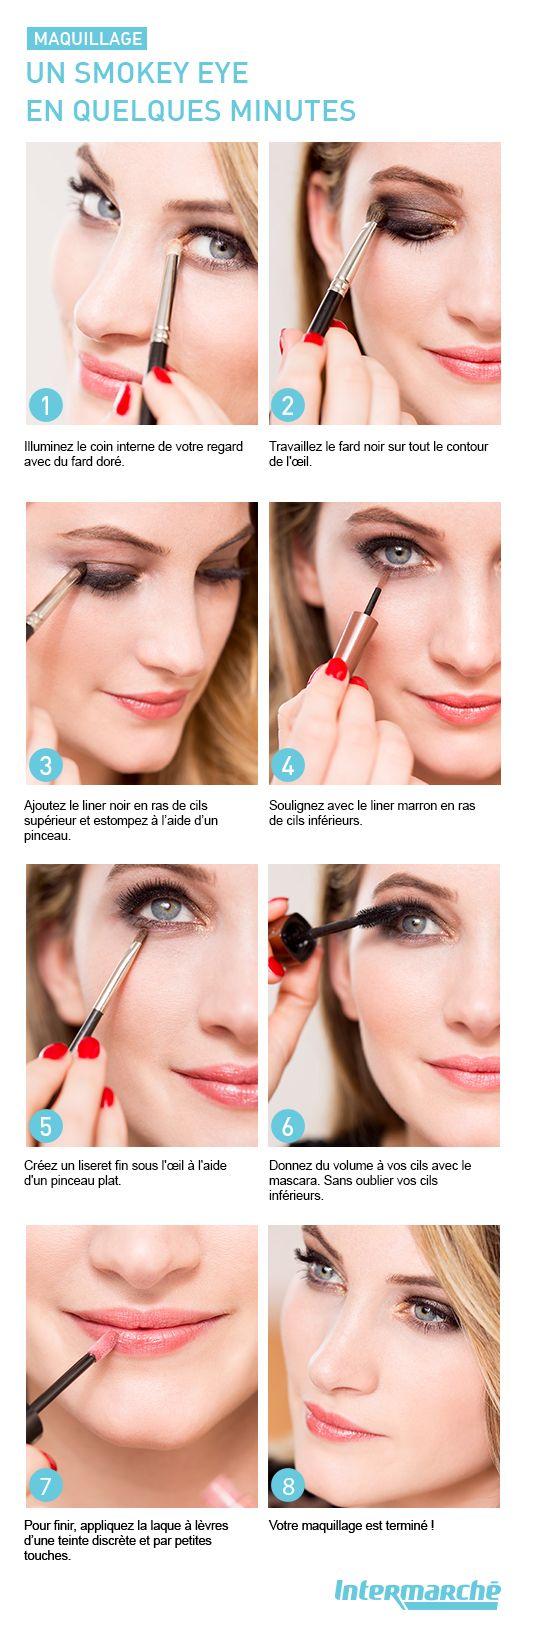 Sublimez votre regard avec un smokey eye parfait en quelques coups de pinceaux…